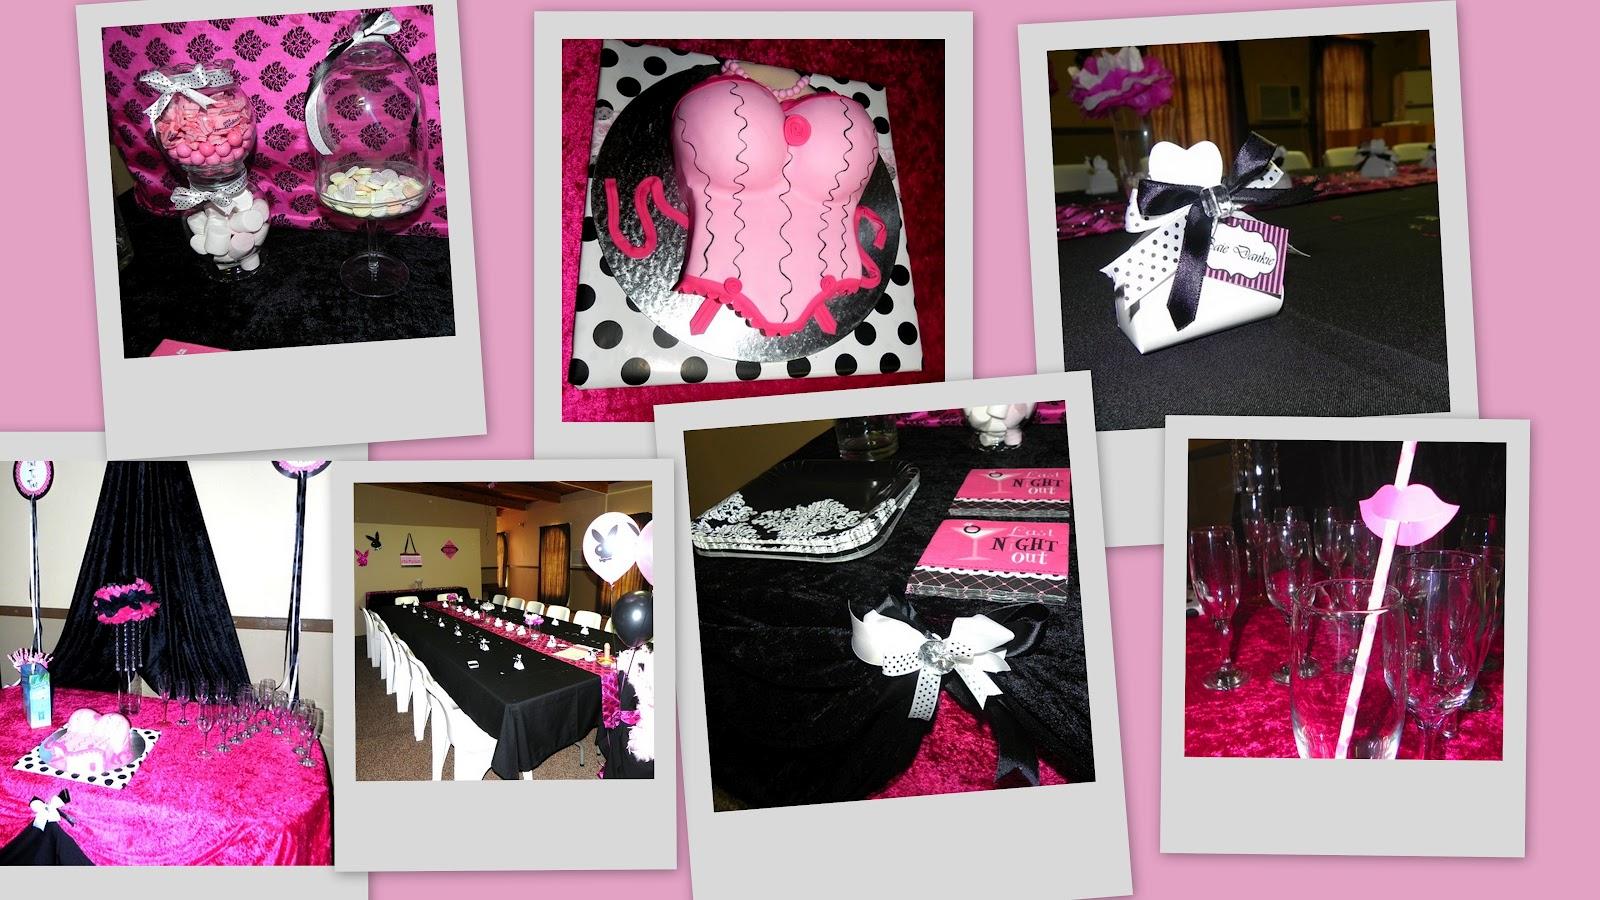 http://4.bp.blogspot.com/-4MarhU-SZ2c/UDuS81mTJKI/AAAAAAAAAbY/GFakNW5uqL0/s1600/Collage%2B2.jpg